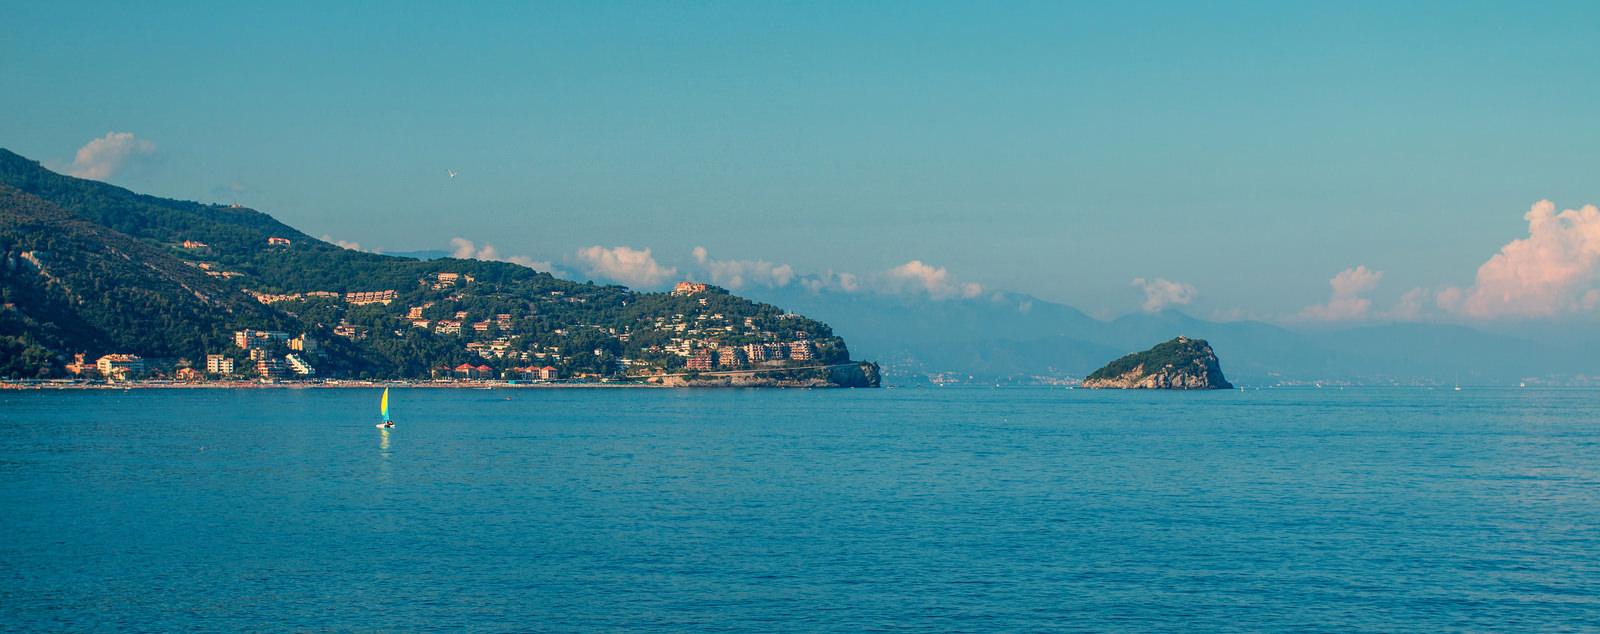 Spotorno, Bergeggi and the Ligurian Riviera